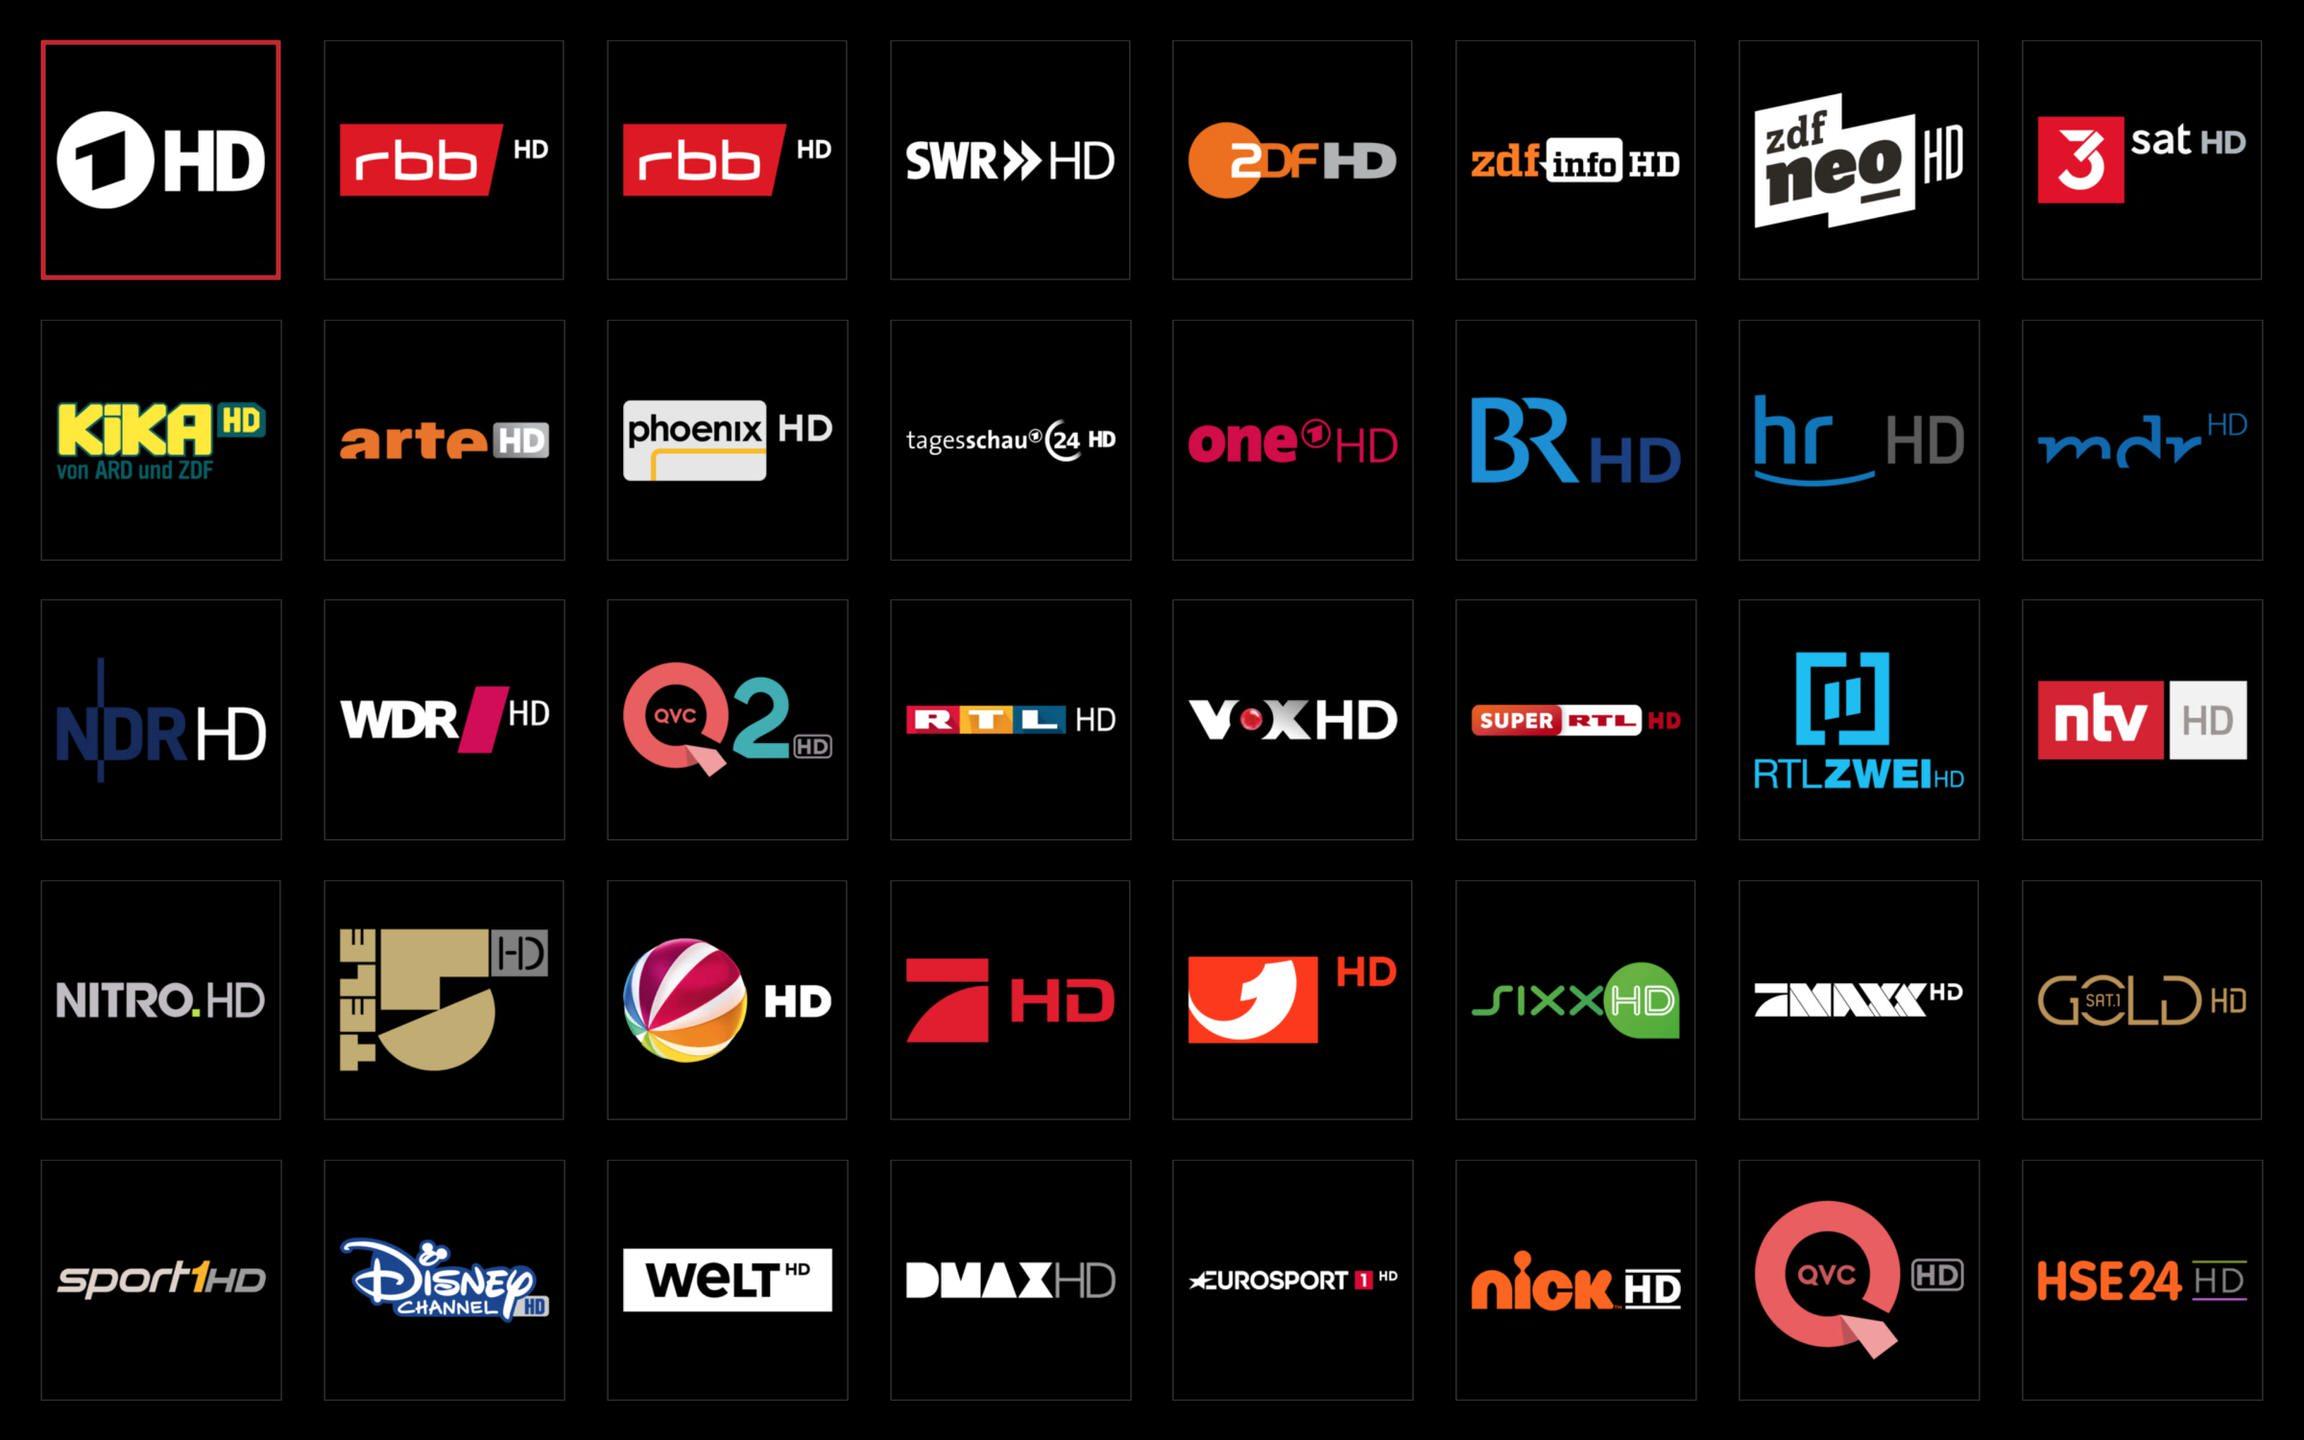 Picons Hell TV-Senderlogos DVB-T2